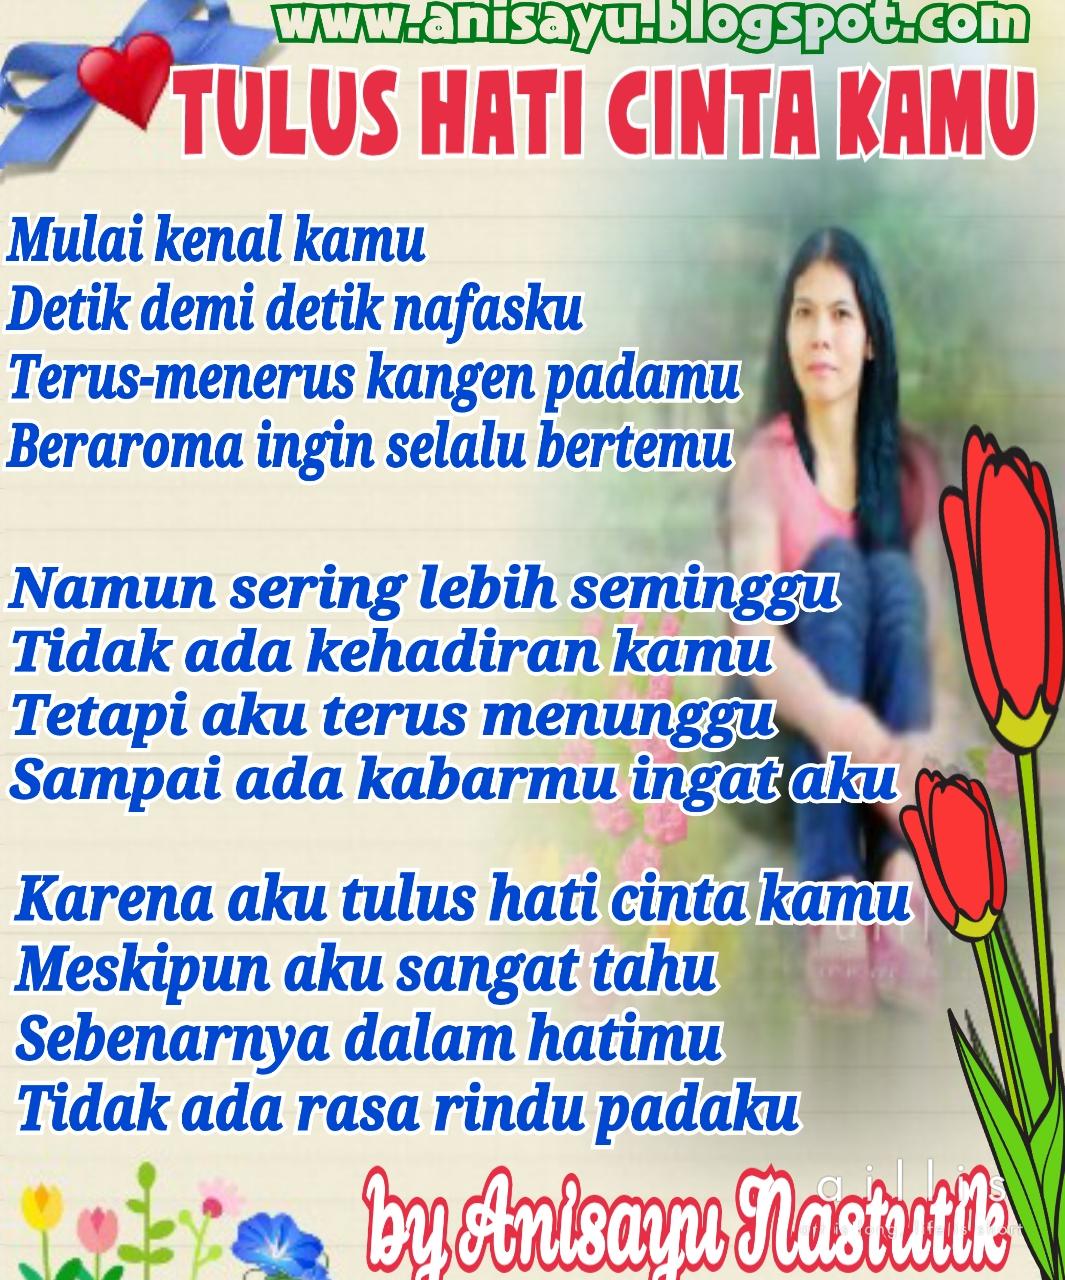 puisi cinta tulus dari hati